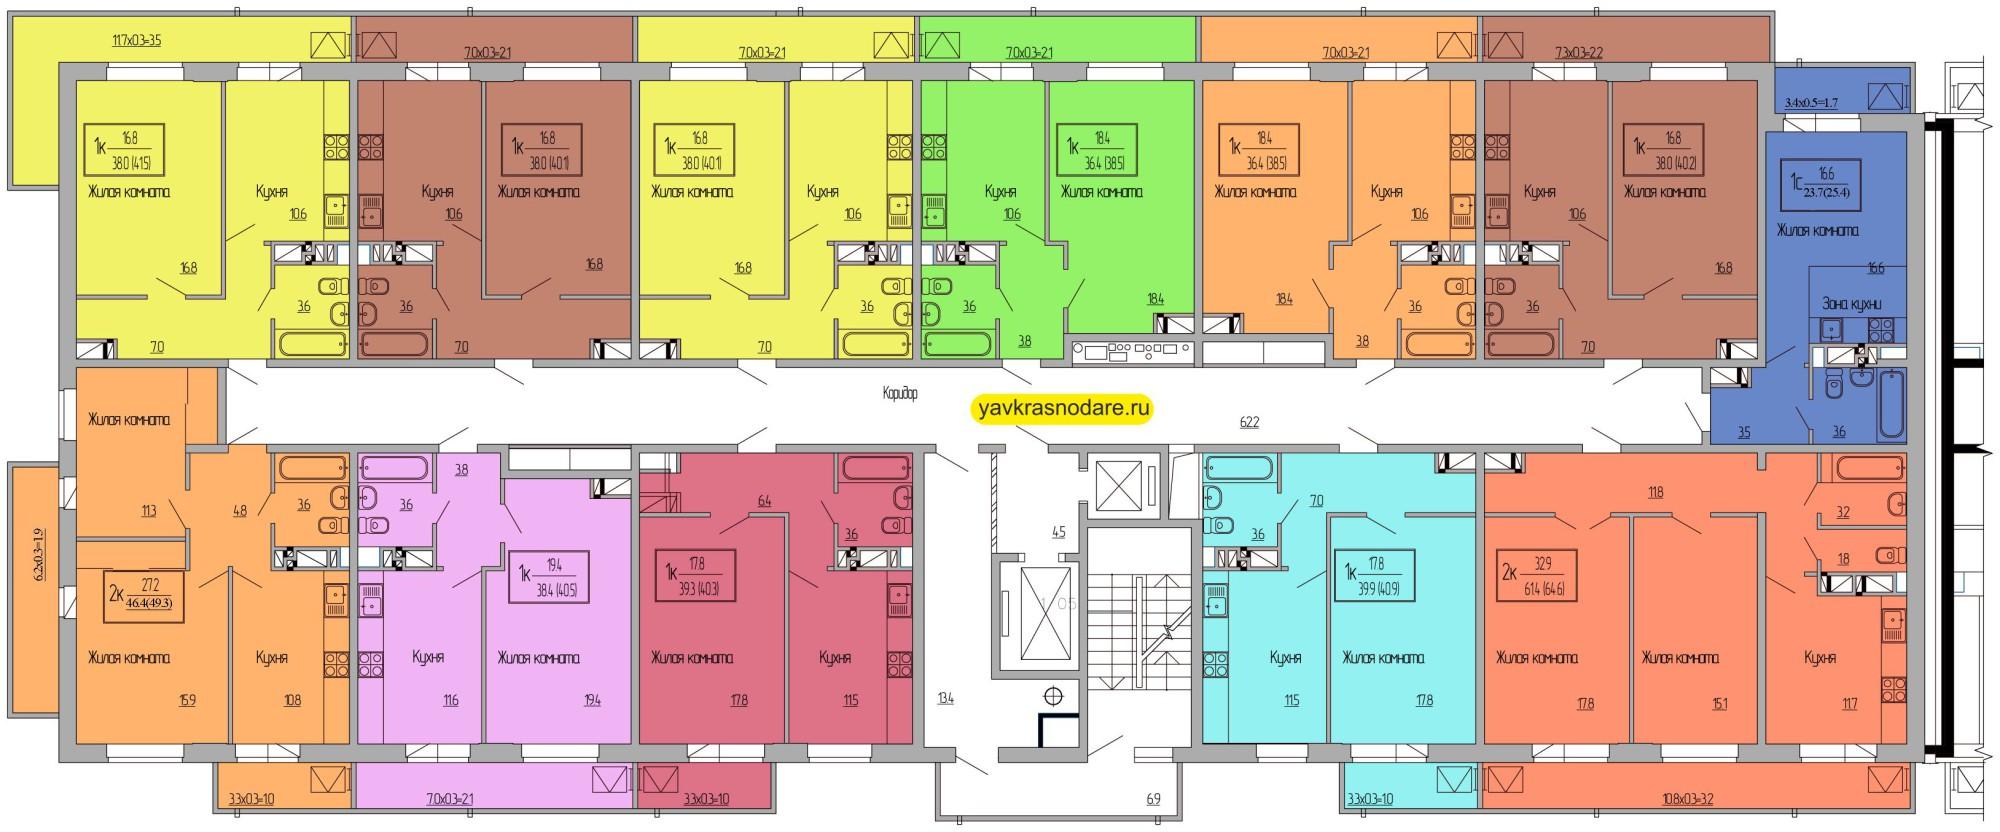 Атмосфера, 1 подъезд, 16-18 этажи